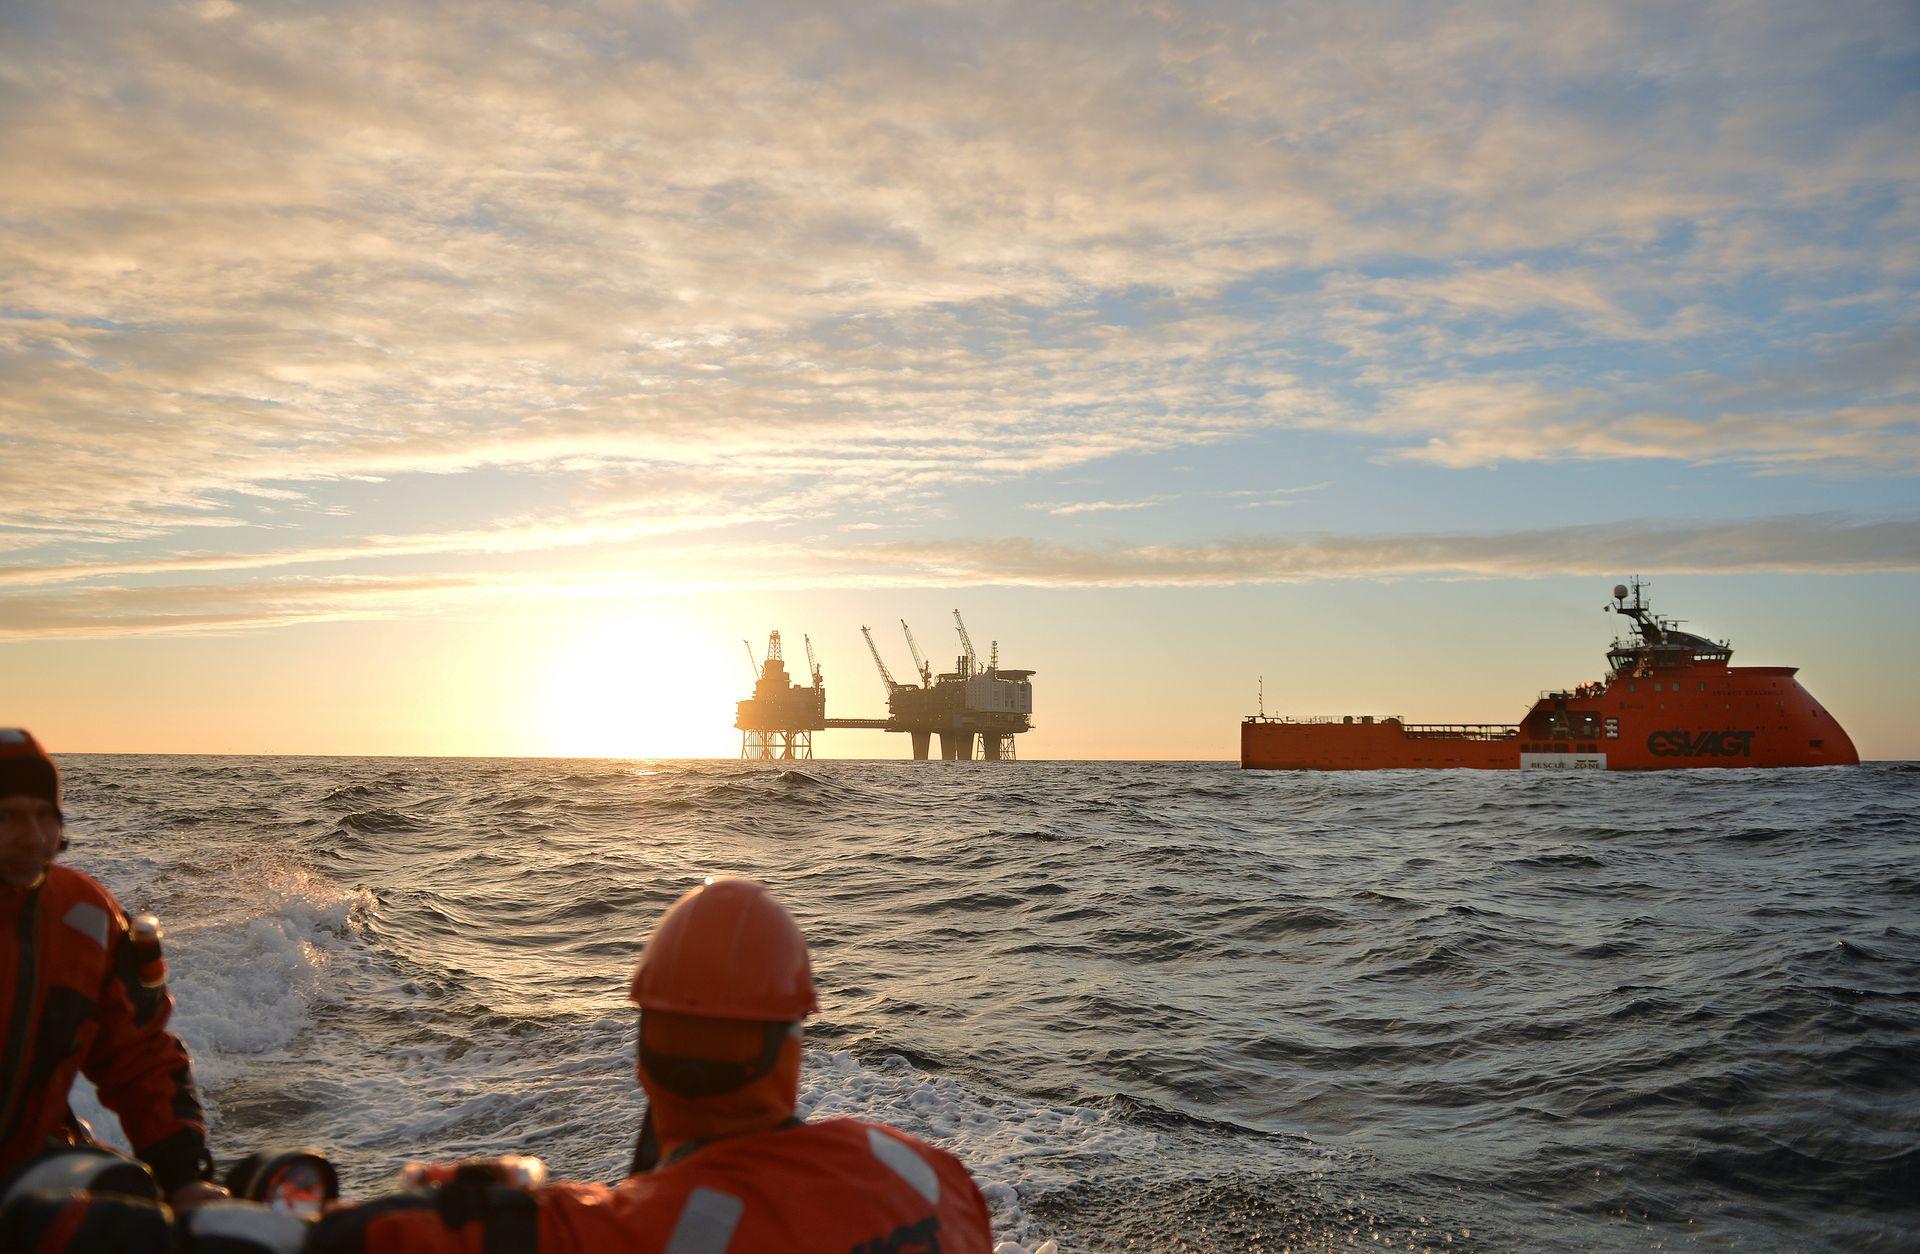 ANNONSE: Derfor veier denne marine-isolasjonen så mye mindre